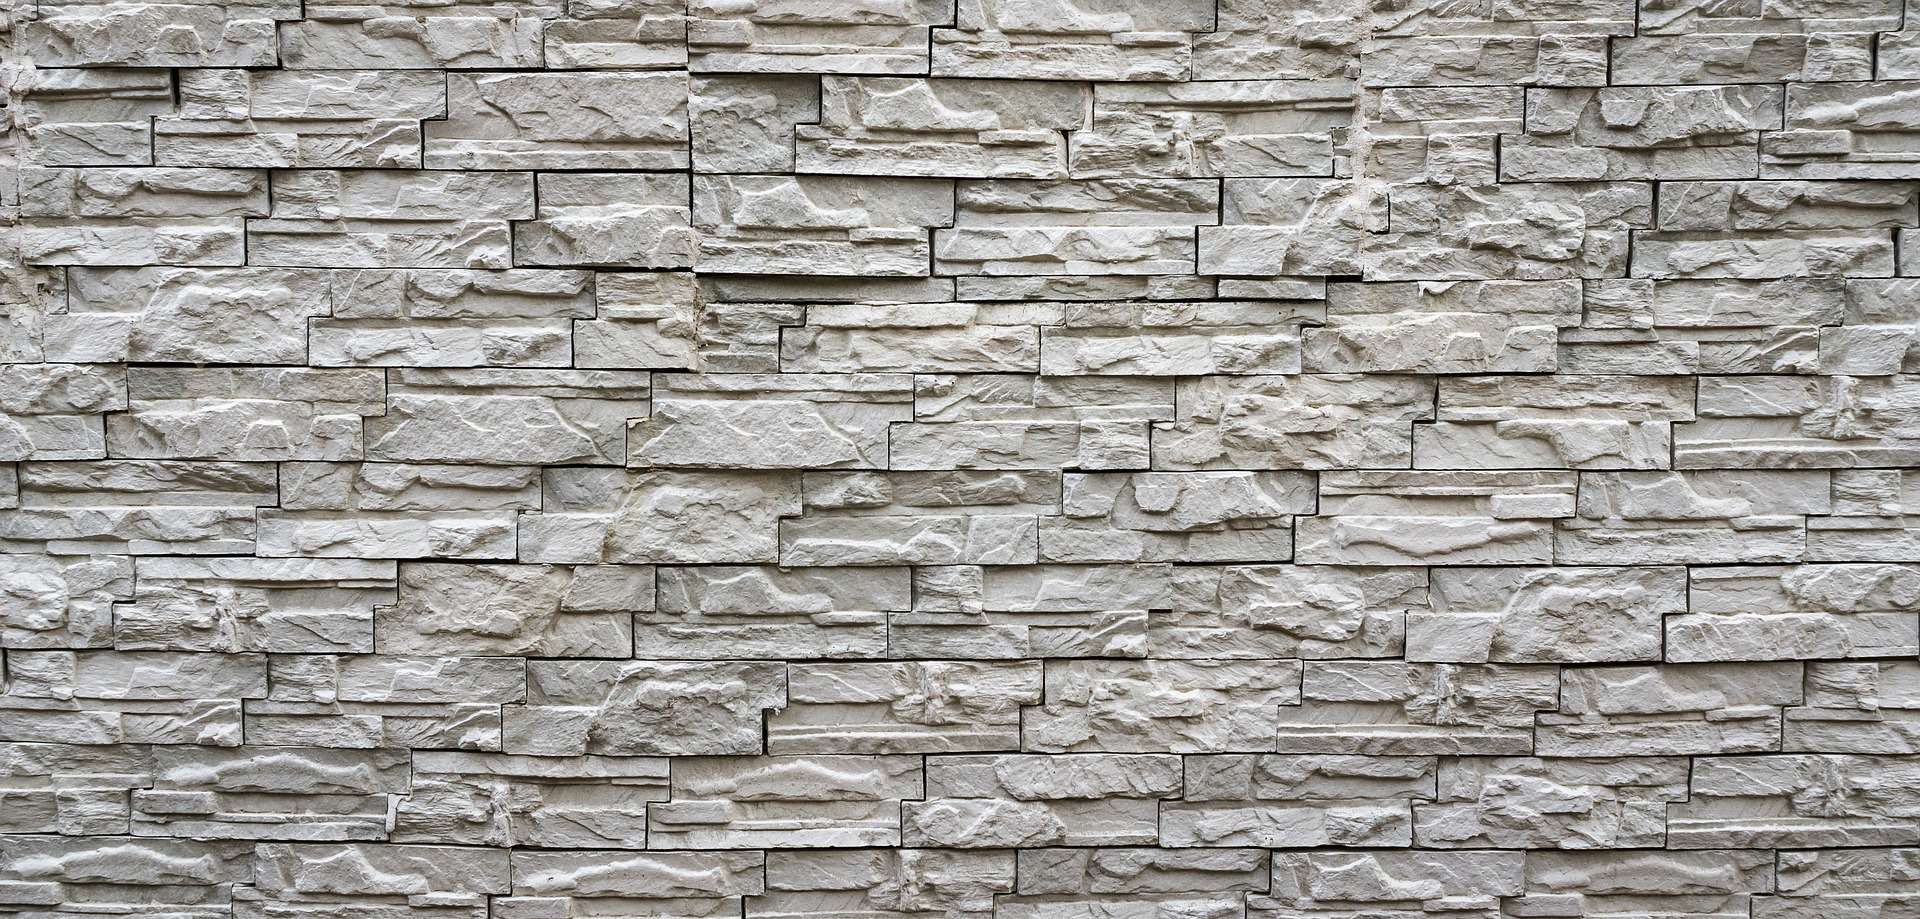 Купить искусственный камень из бетона купить битум для бетона